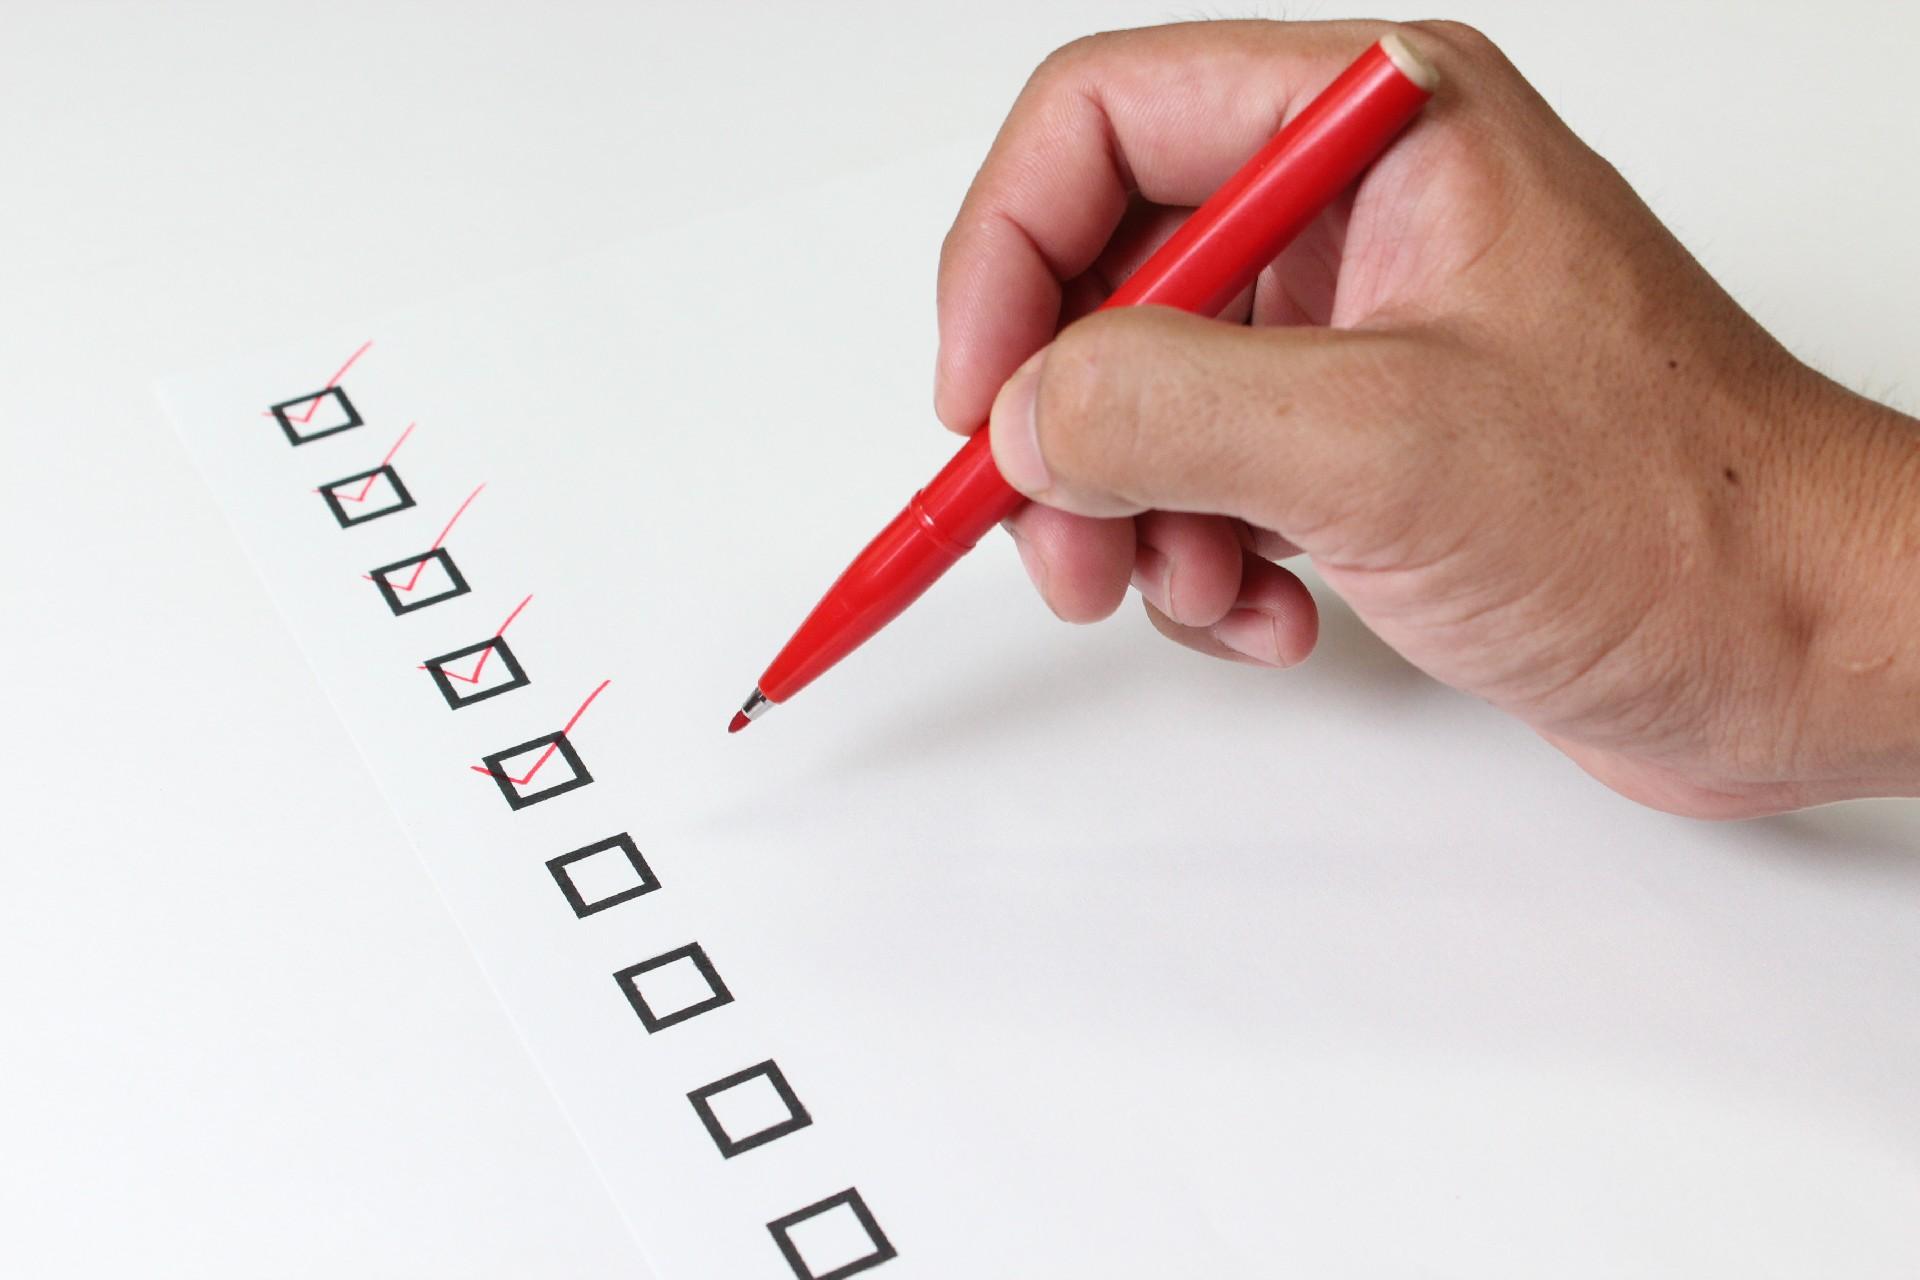 赤ペンでチェックサインを入れる手